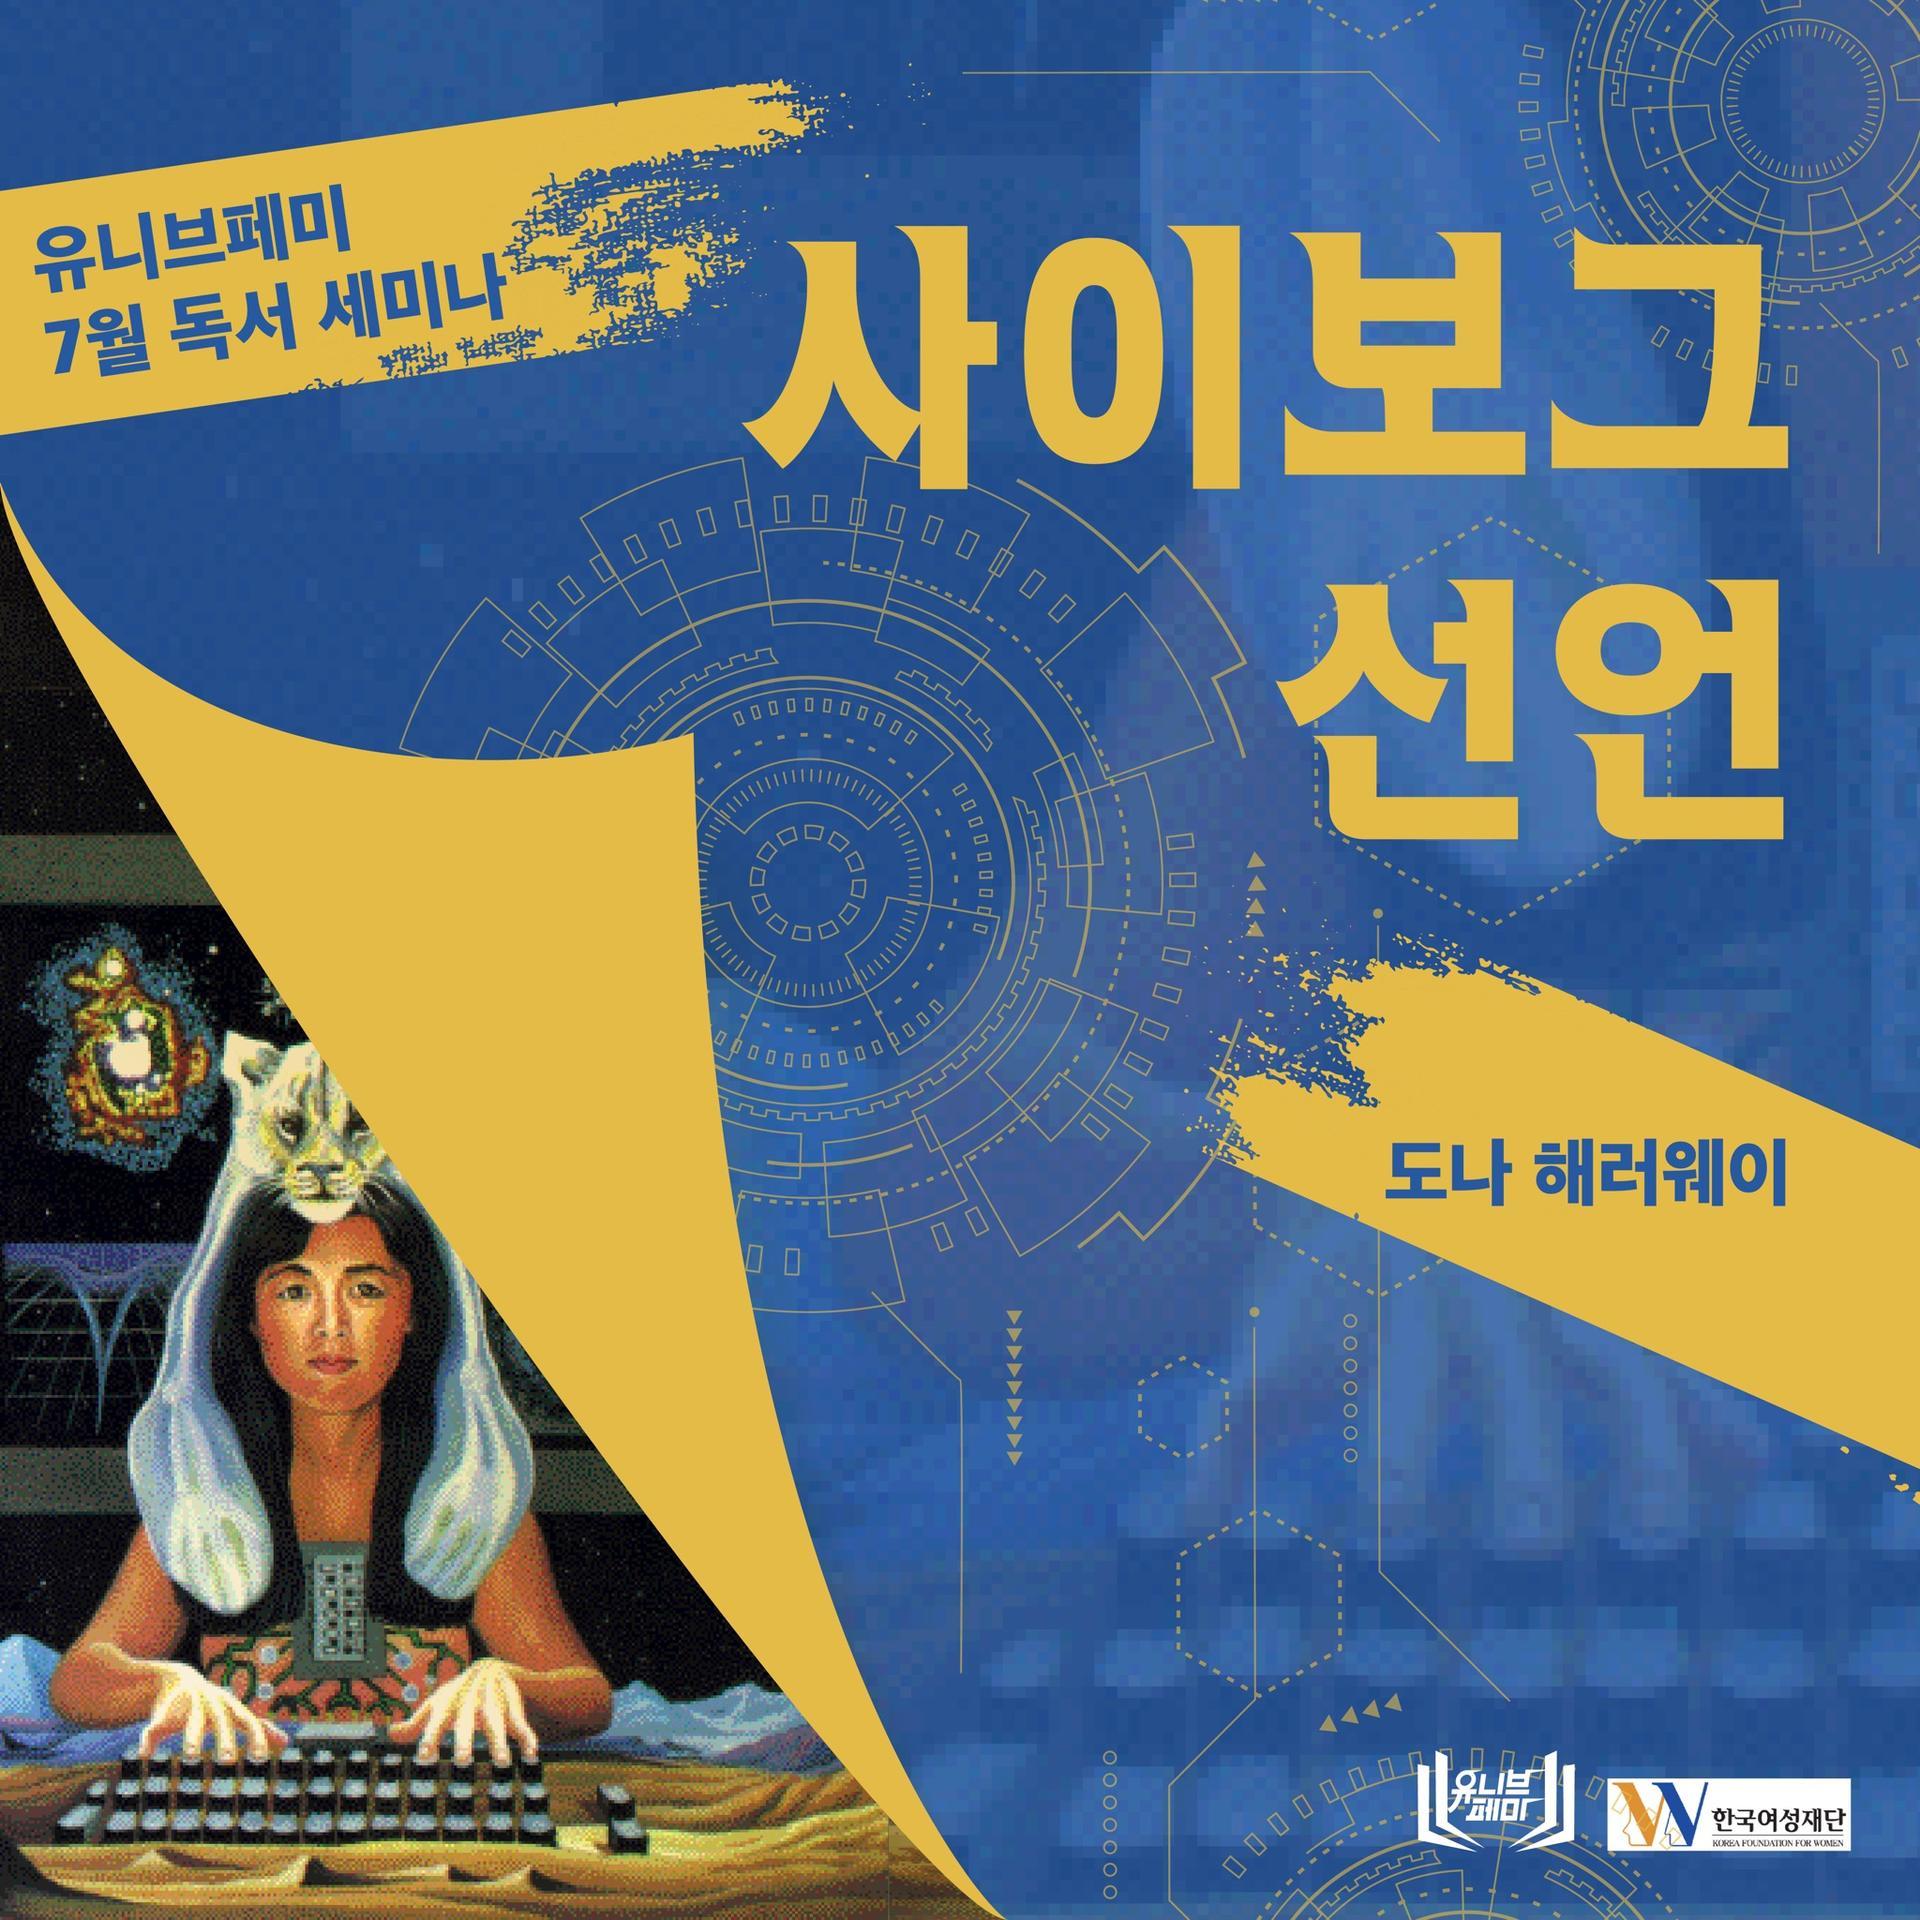 파란색 정사각형 포스터, 왼쪽 아래에는 <사이보그> 책 표지가 있다. 유니브페미 7월 세미나 <사이보그 선언>, 도나 헤러웨이 라는 텍스트가 있고 오른쪽 아래에는 유니브페미와 한국여성재단 로고가 있다.